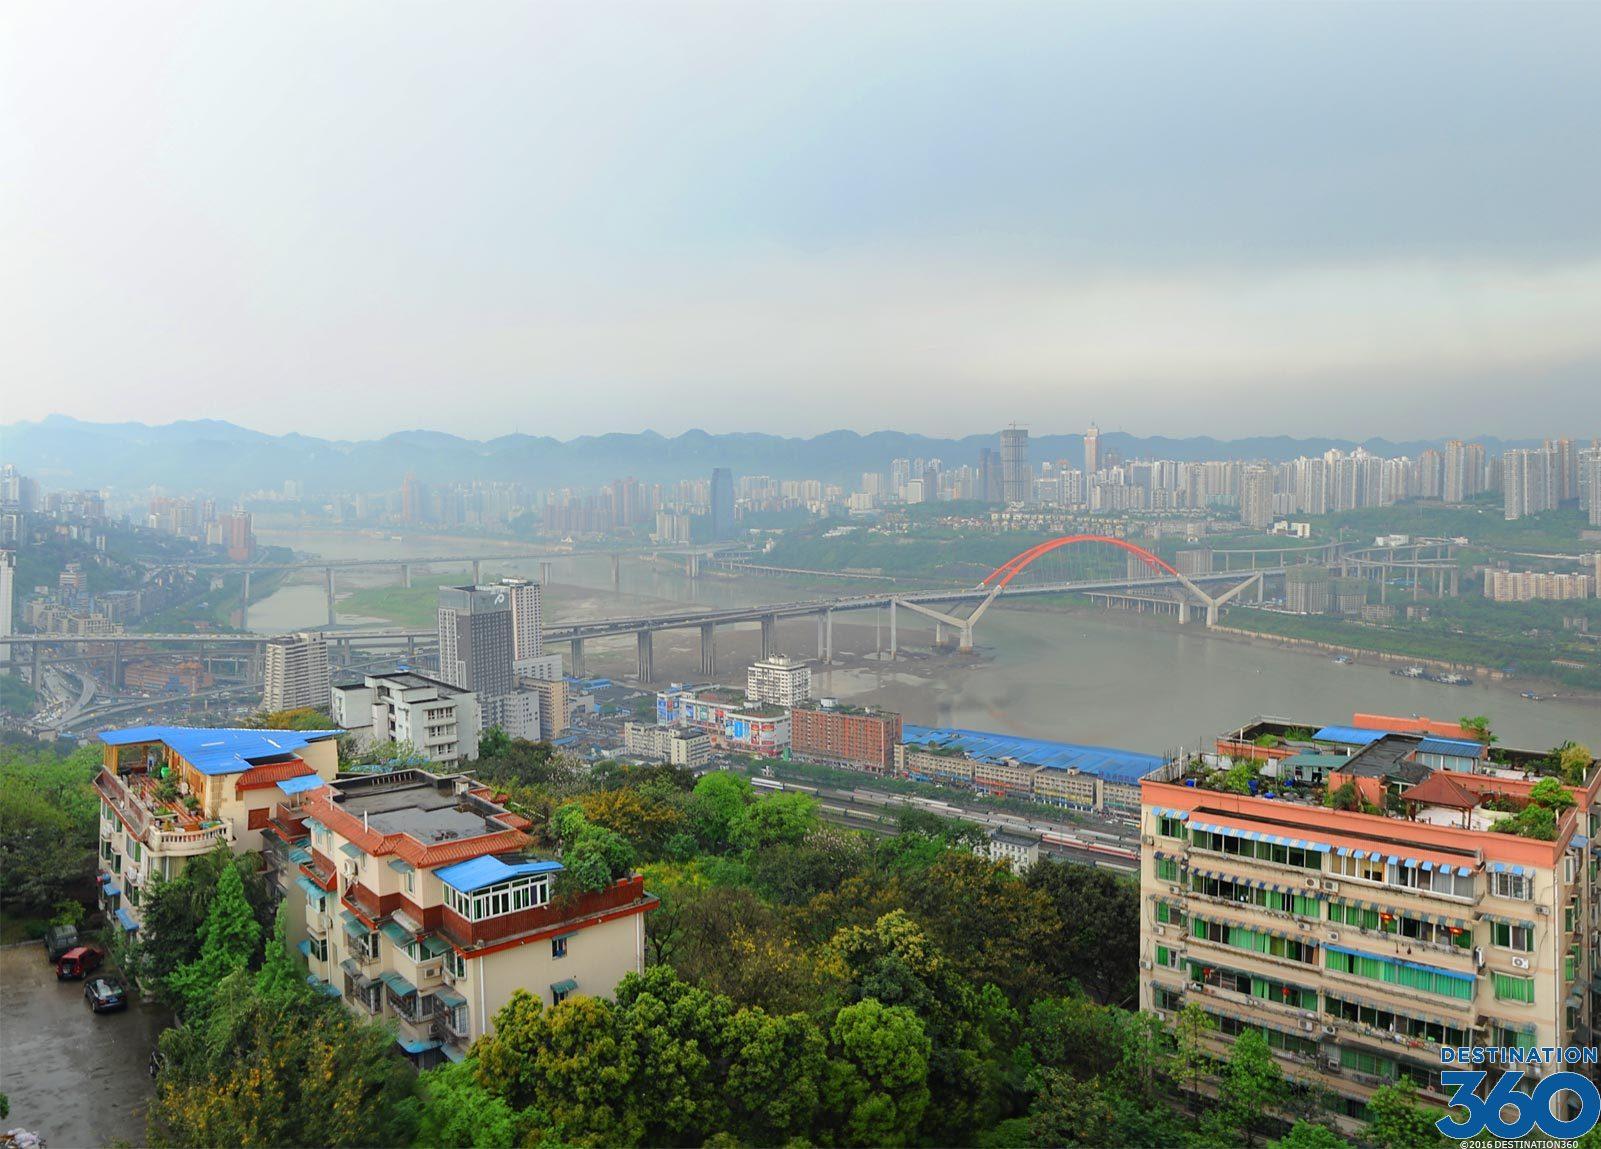 Chongqing chongqing china